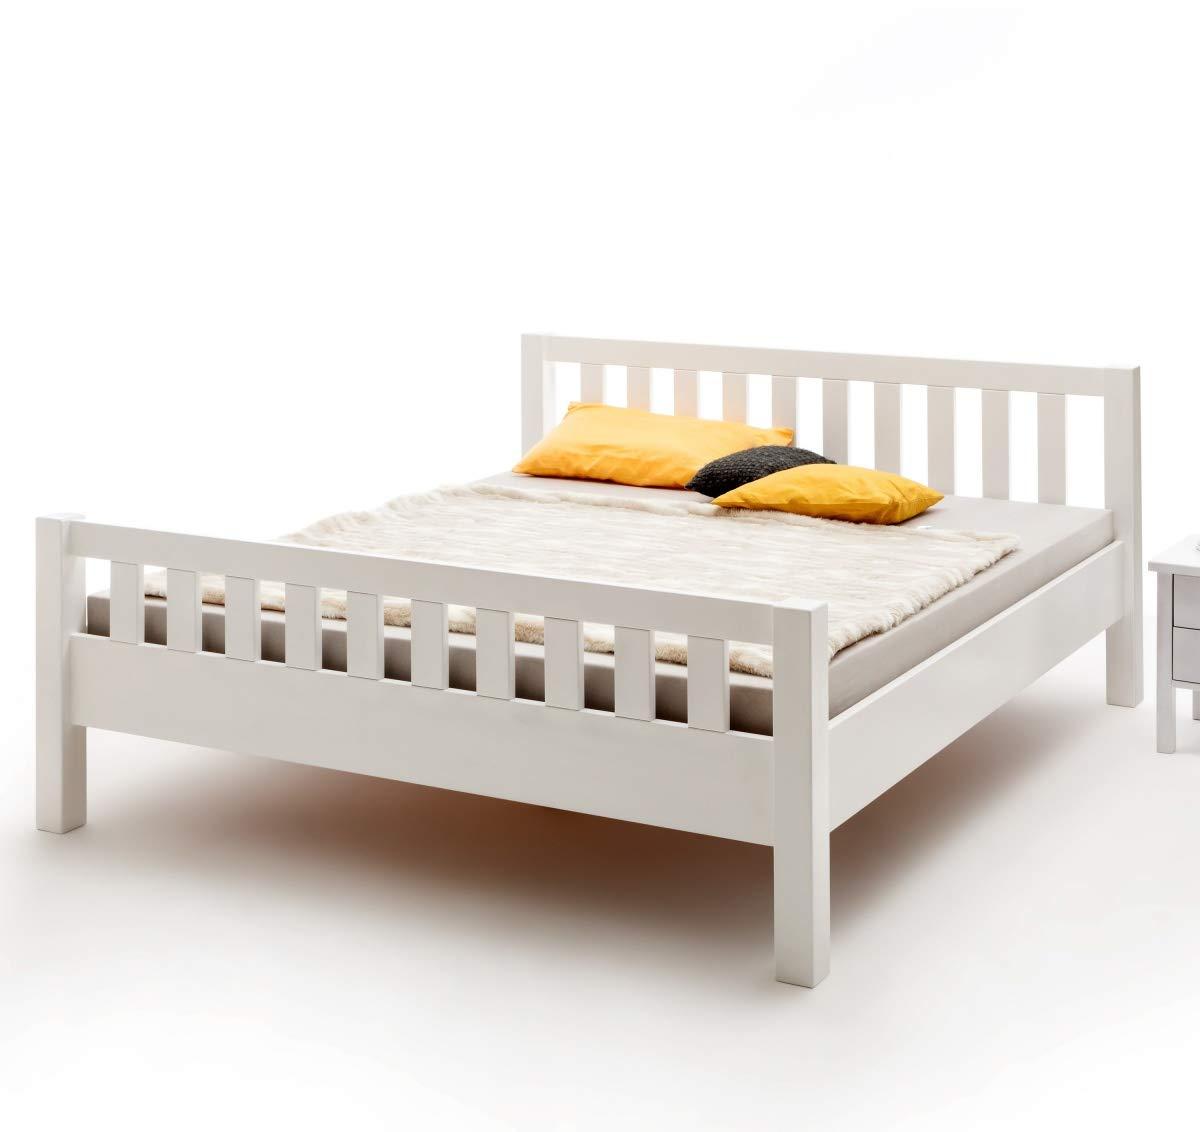 Bett Massivholz Buche weiß lackiert mit Kopf- und Fußteil 180x200